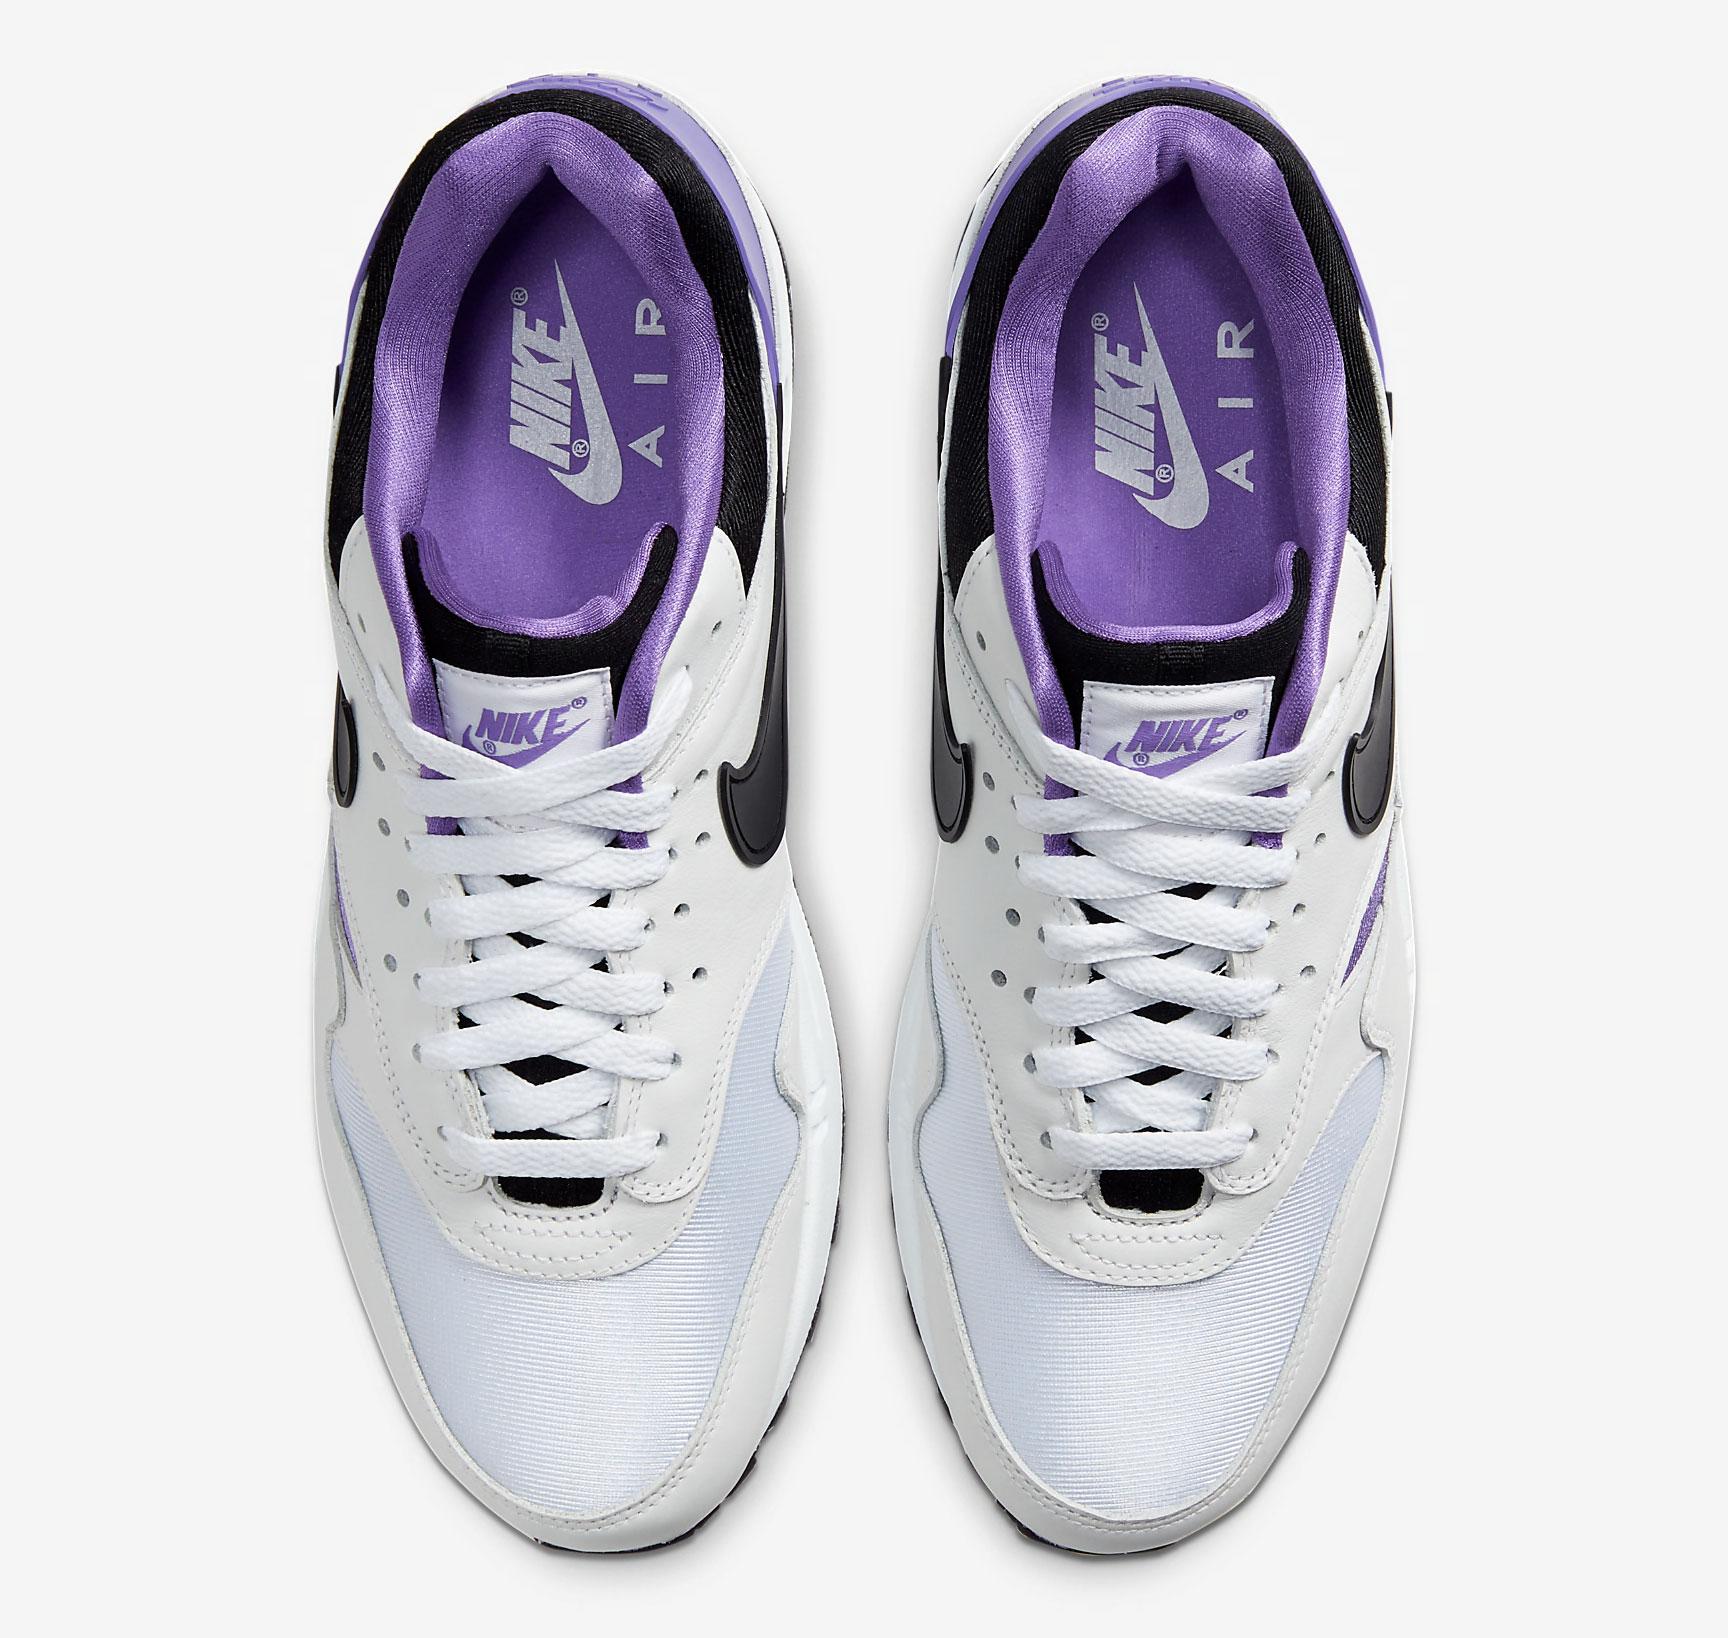 nike-air-max-1-dna-ch-1-huarache-white-purple-punch-1